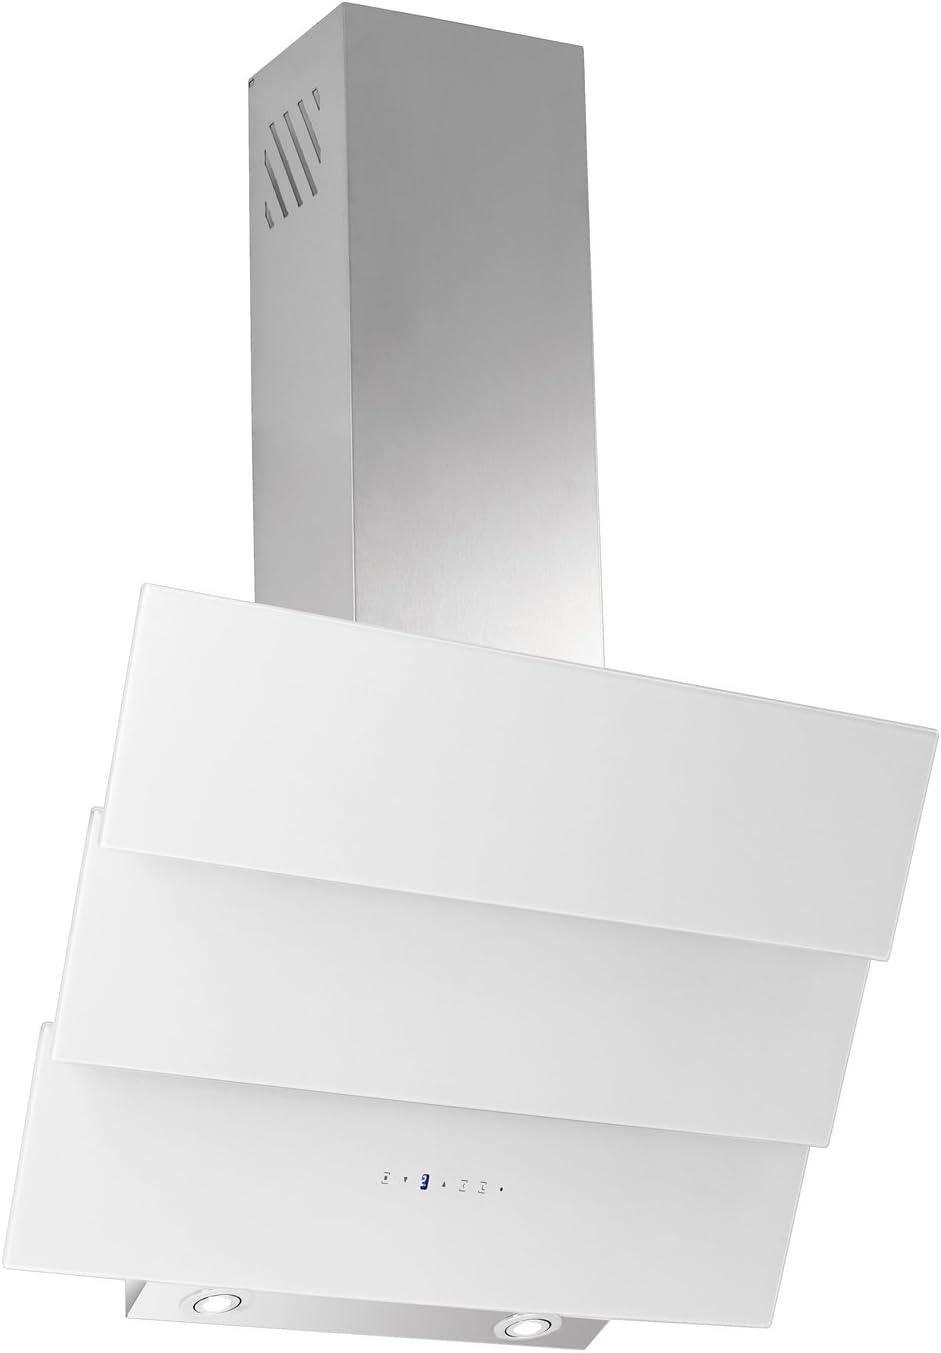 Campana extractora libre de cabeza Thuja Blanco Cristal Acero Inoxidable 60 cm: Amazon.es: Grandes electrodomésticos